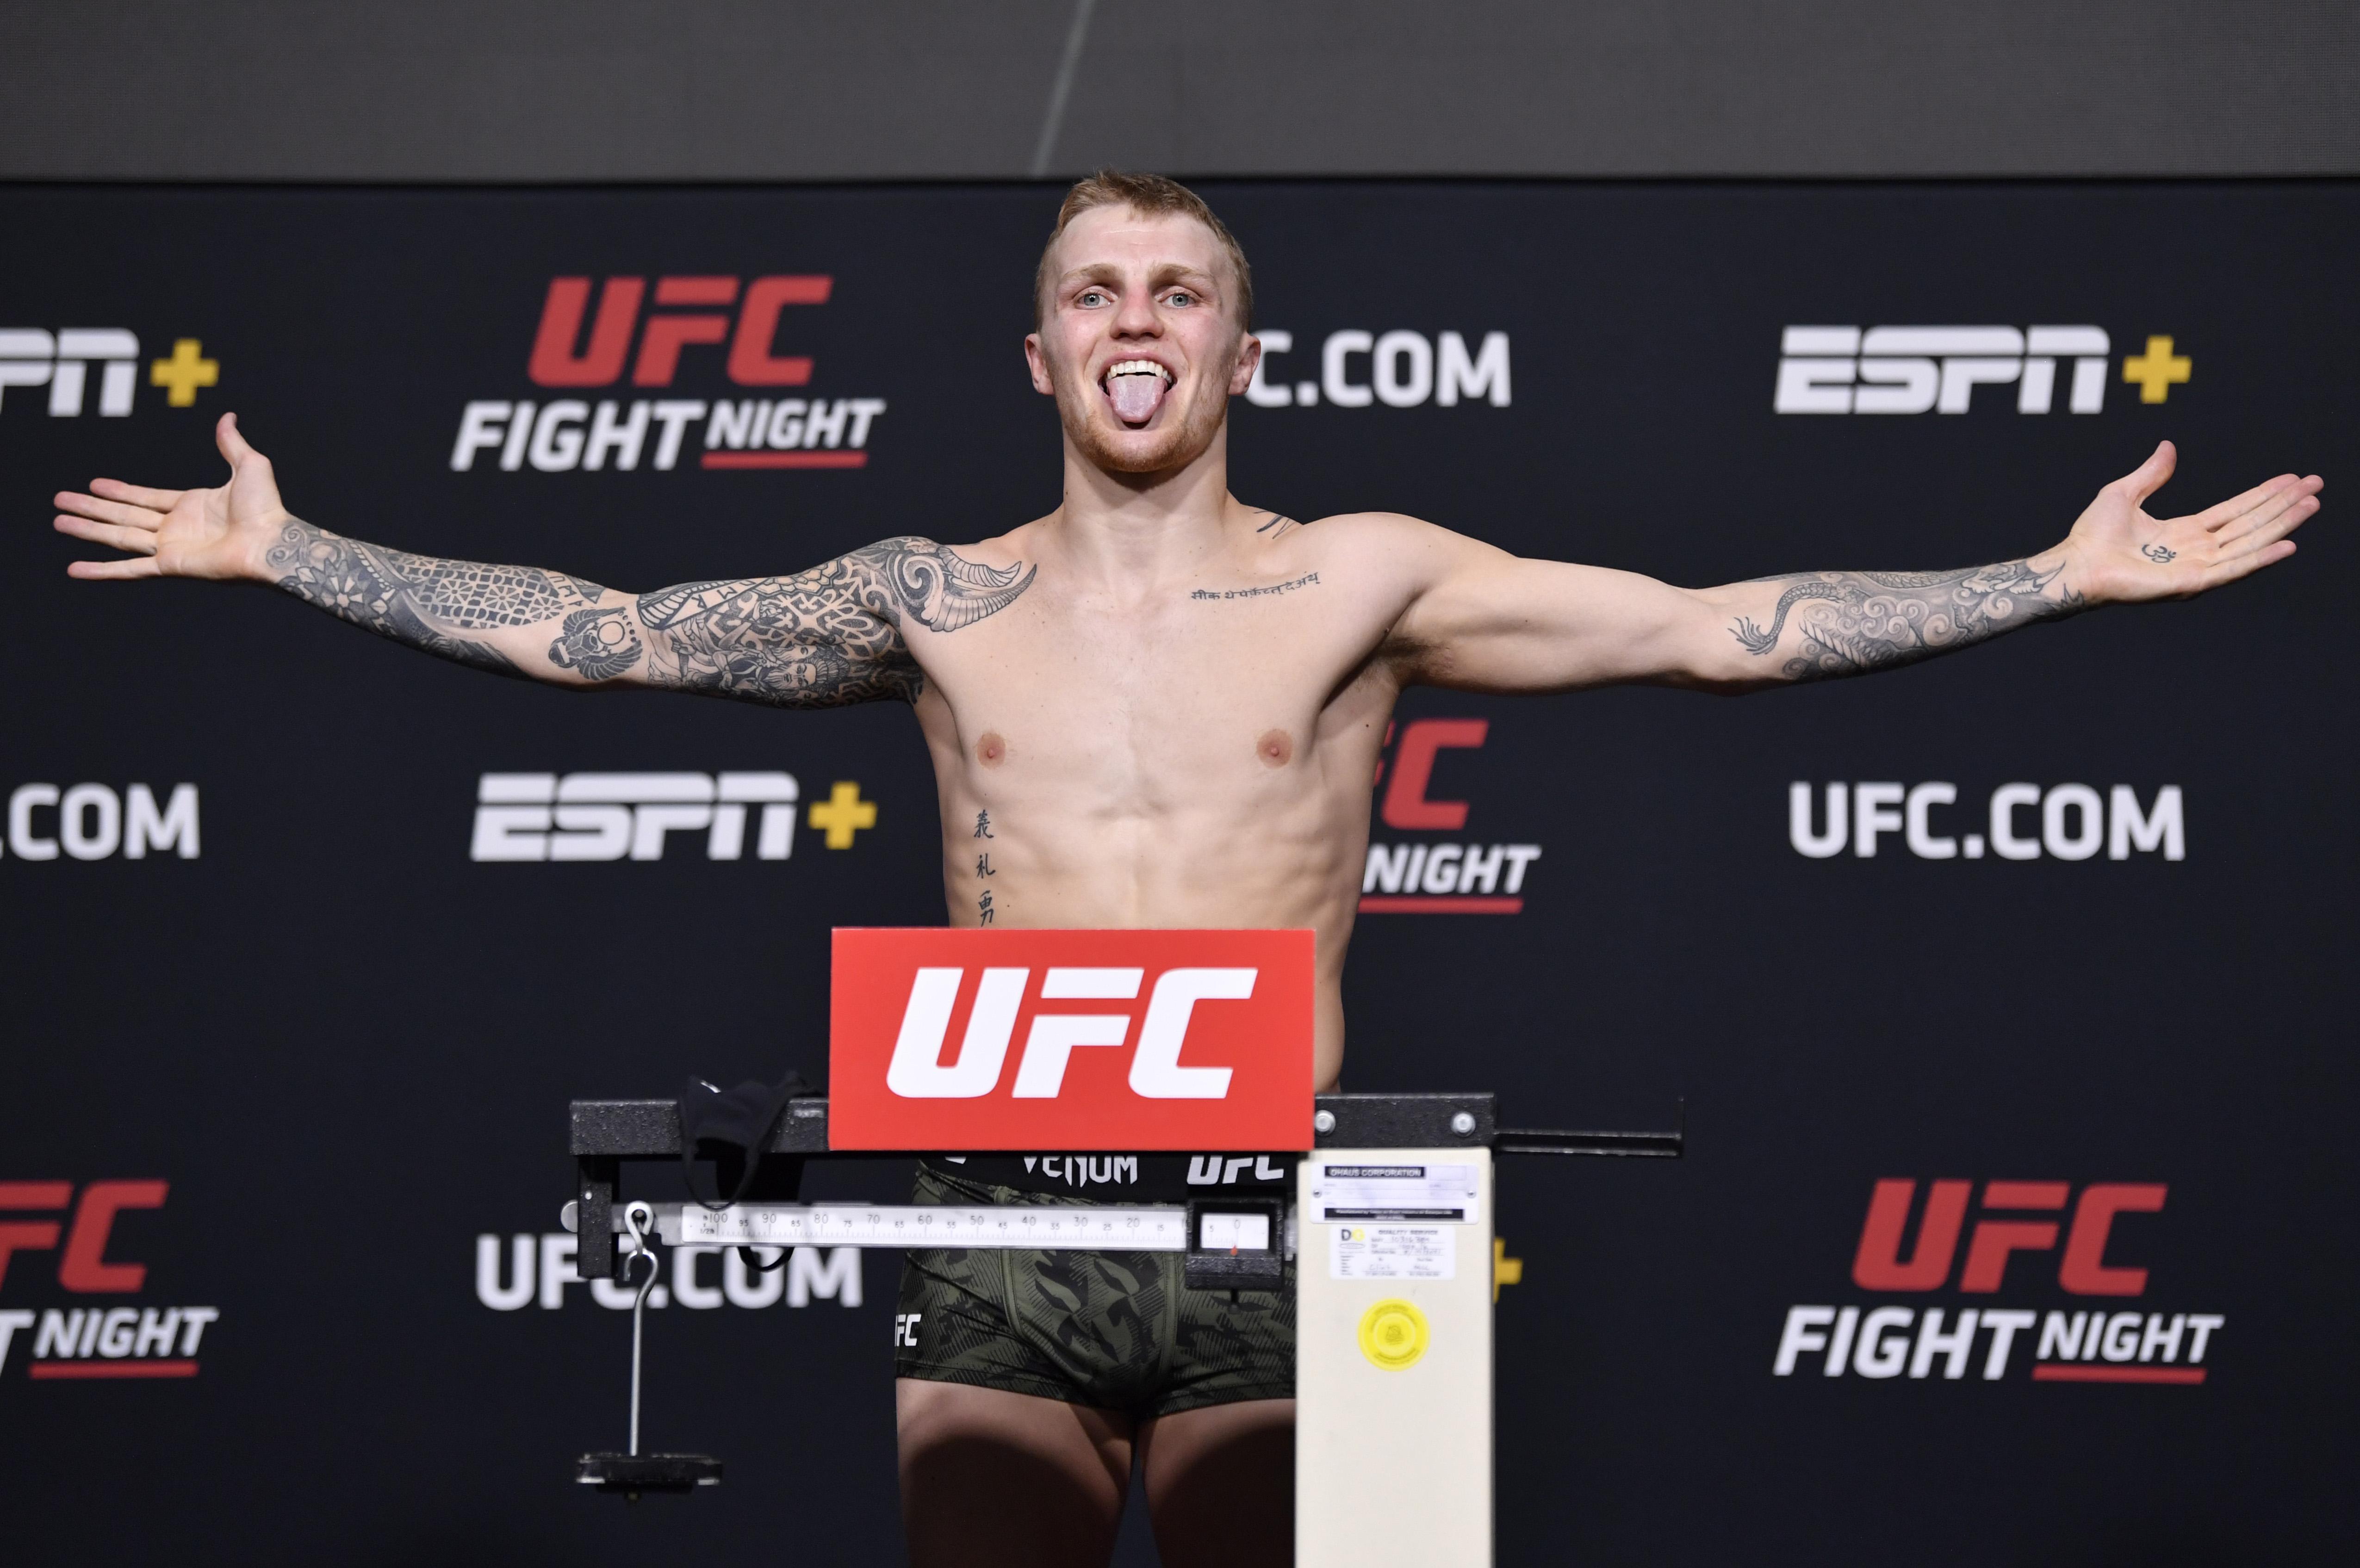 UFC Fight Night: Rozenstruik v Sakai Weigh-in